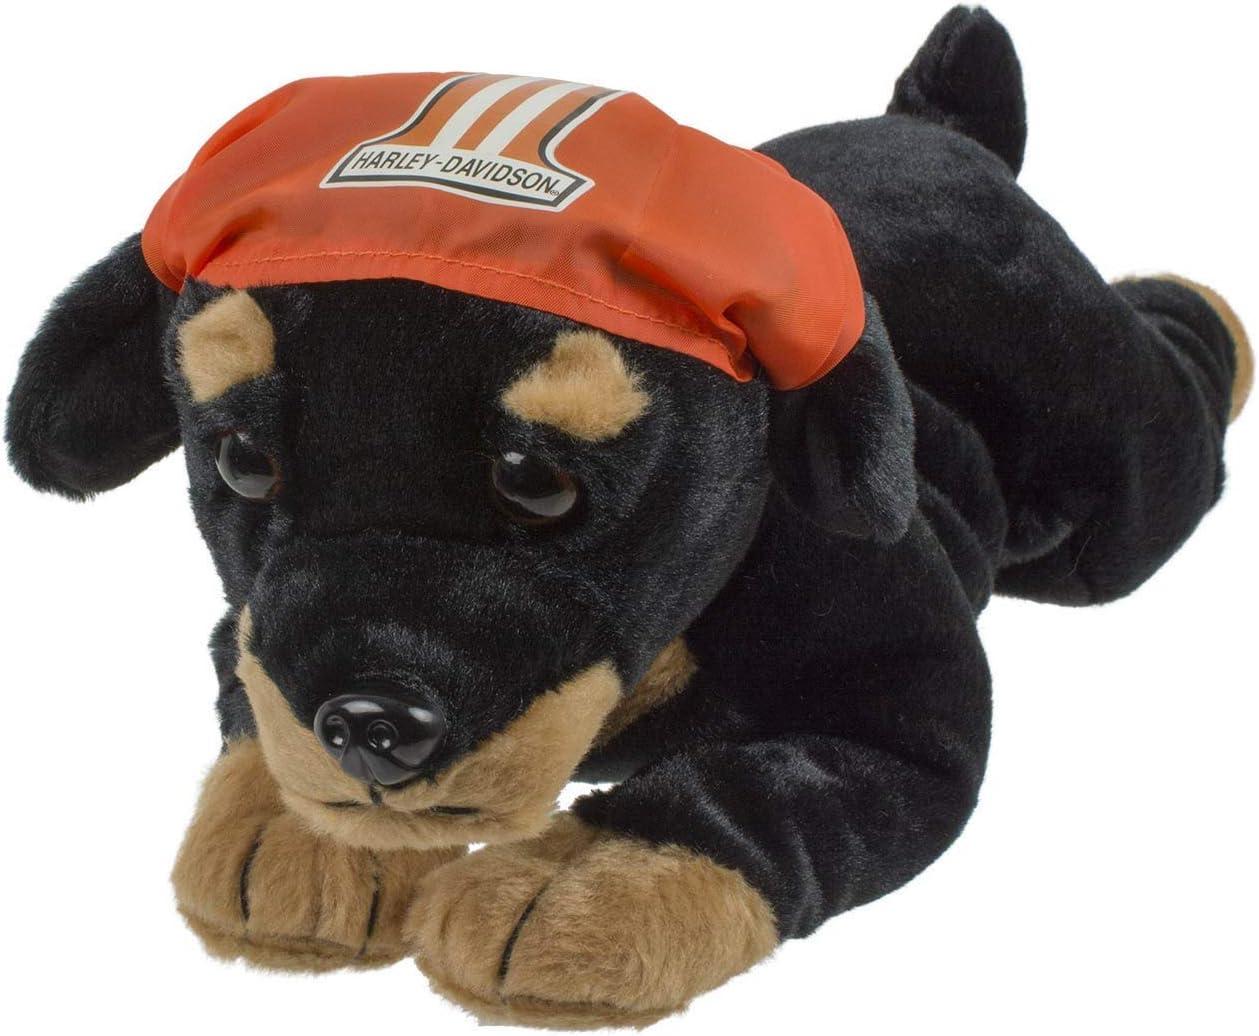 Harley-Davidson Rebel 14 in Black /& Orange 9950853 Rottweiler Cuddle Bud Dog